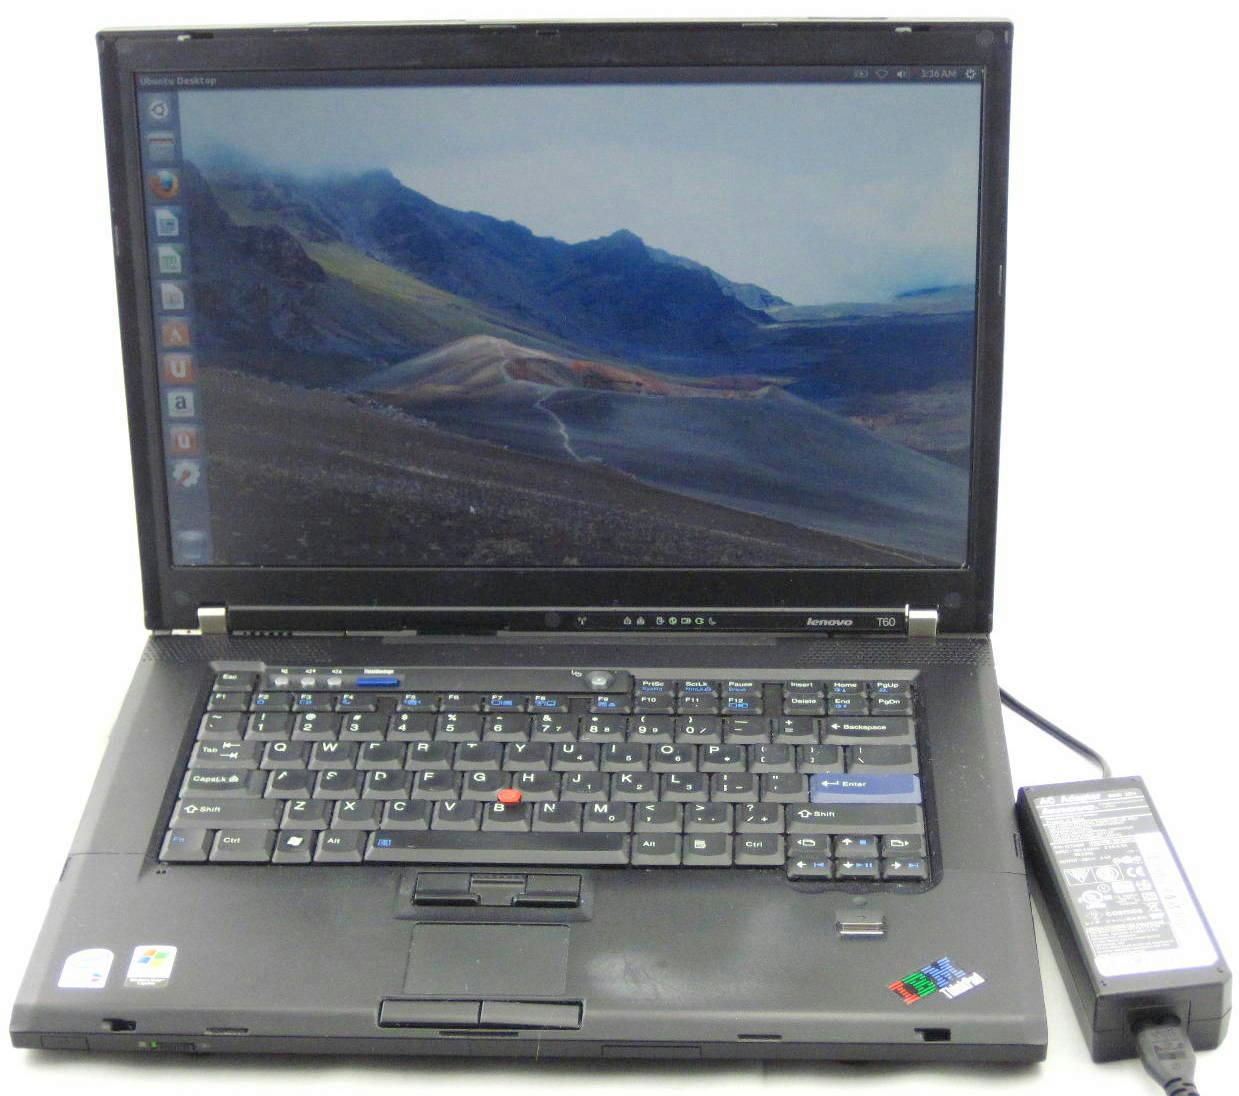 IBM Thinkpad T60 15.4